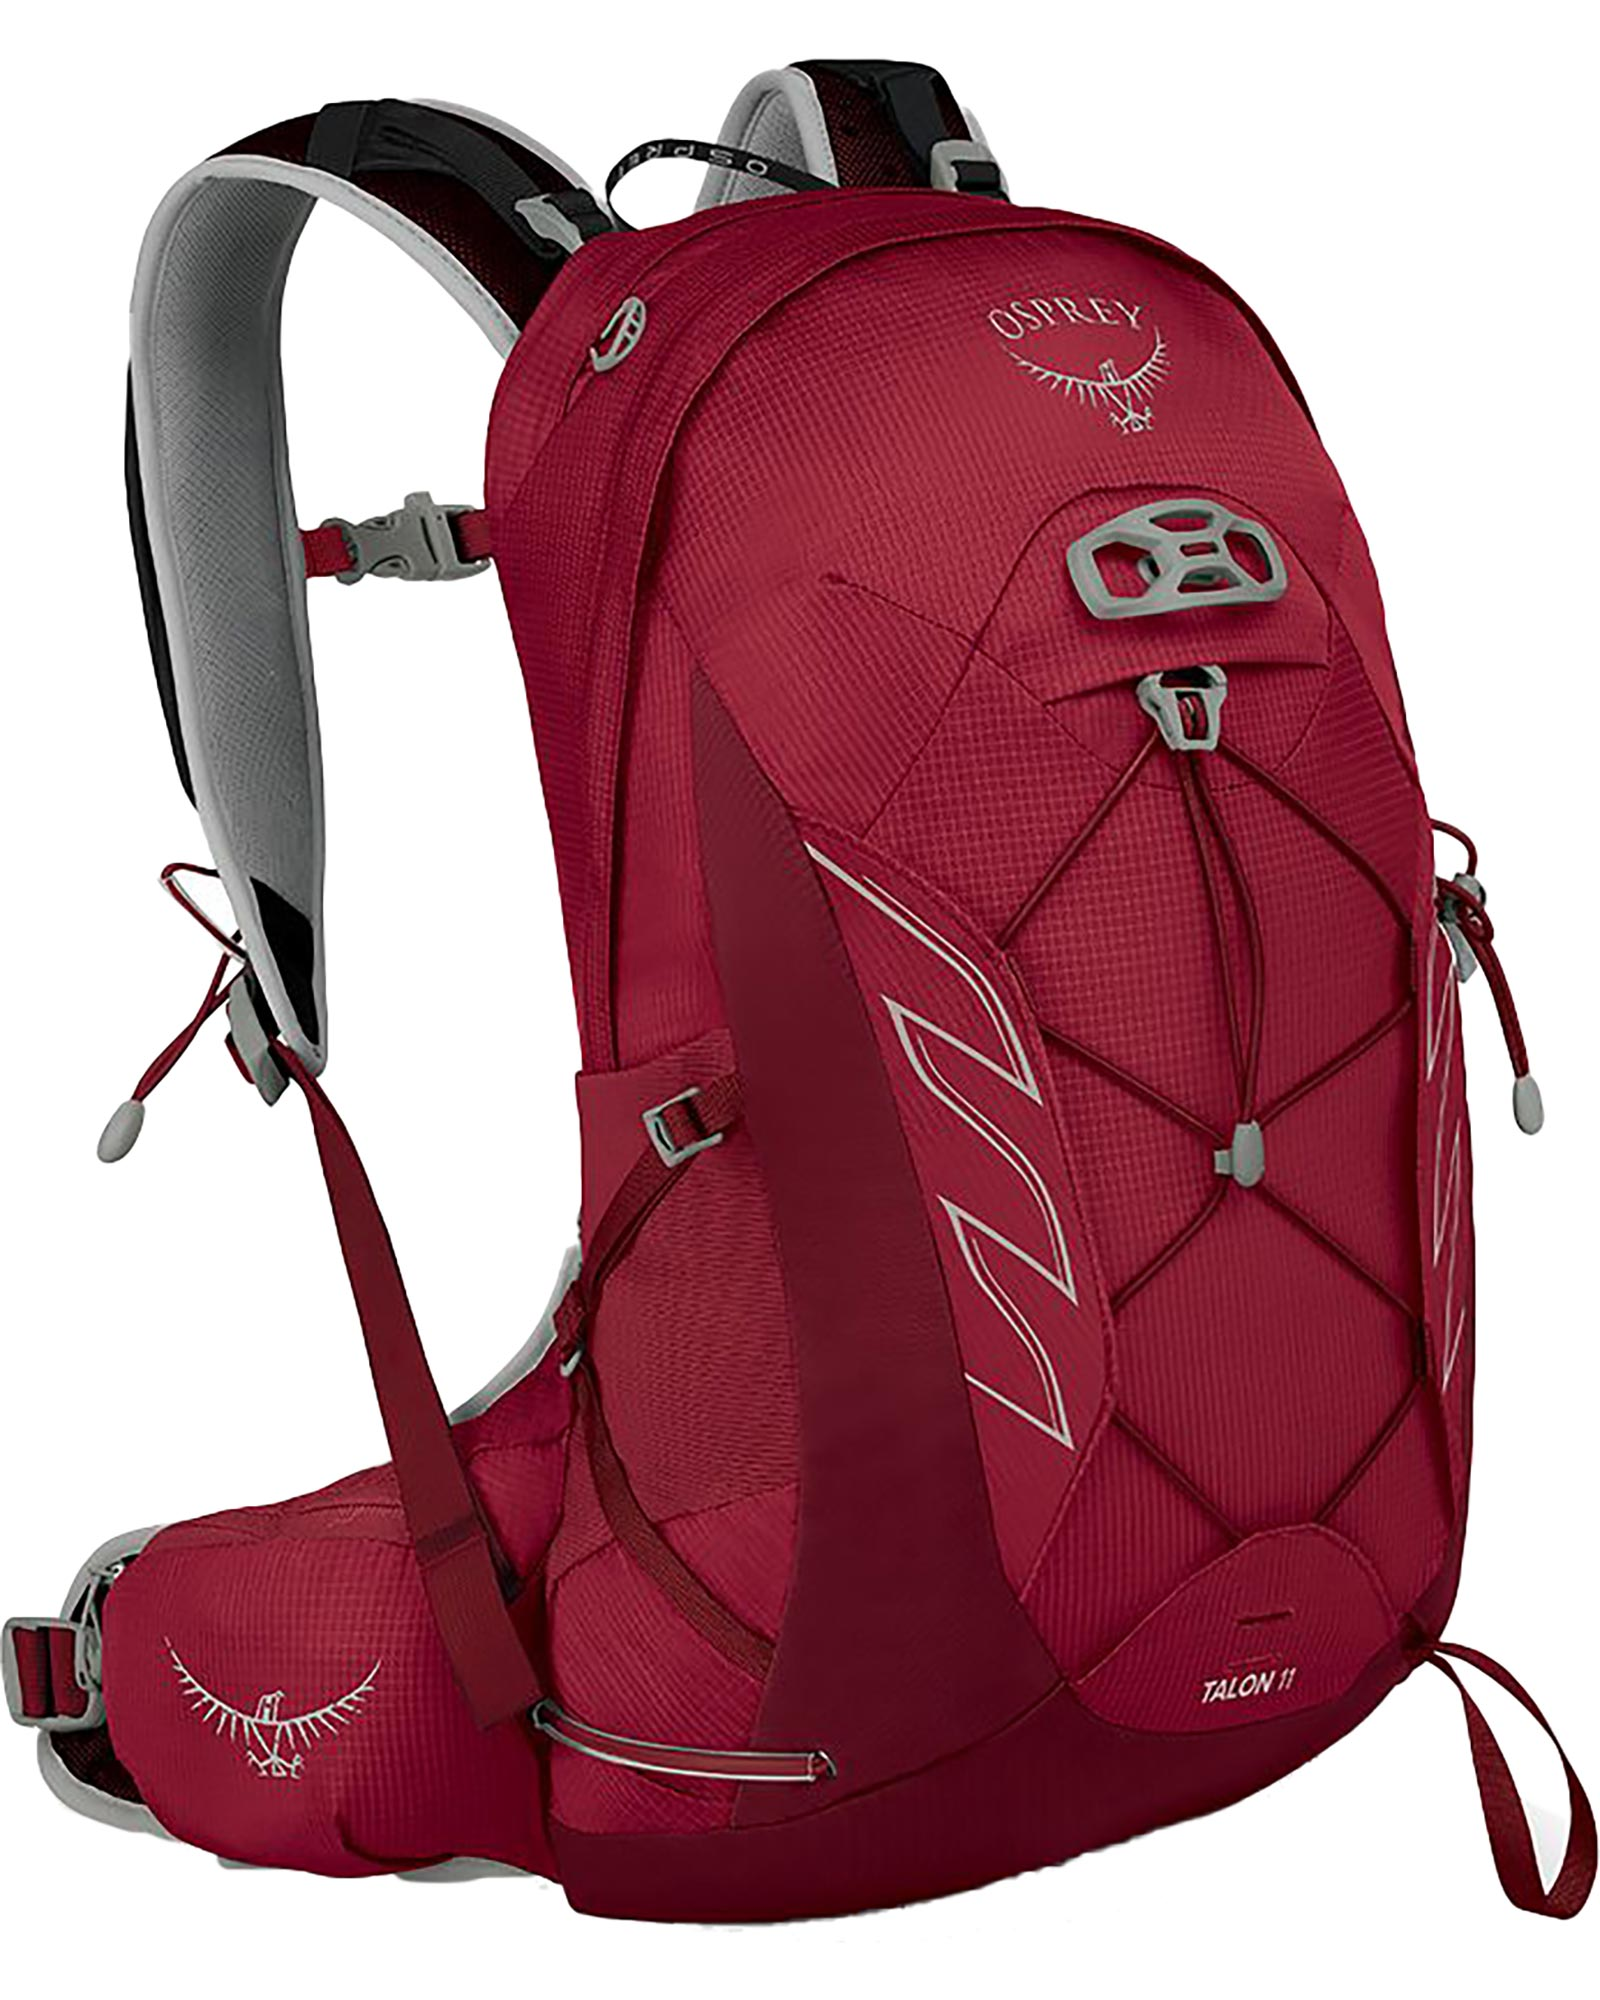 Osprey Talon 11 Backpack 0